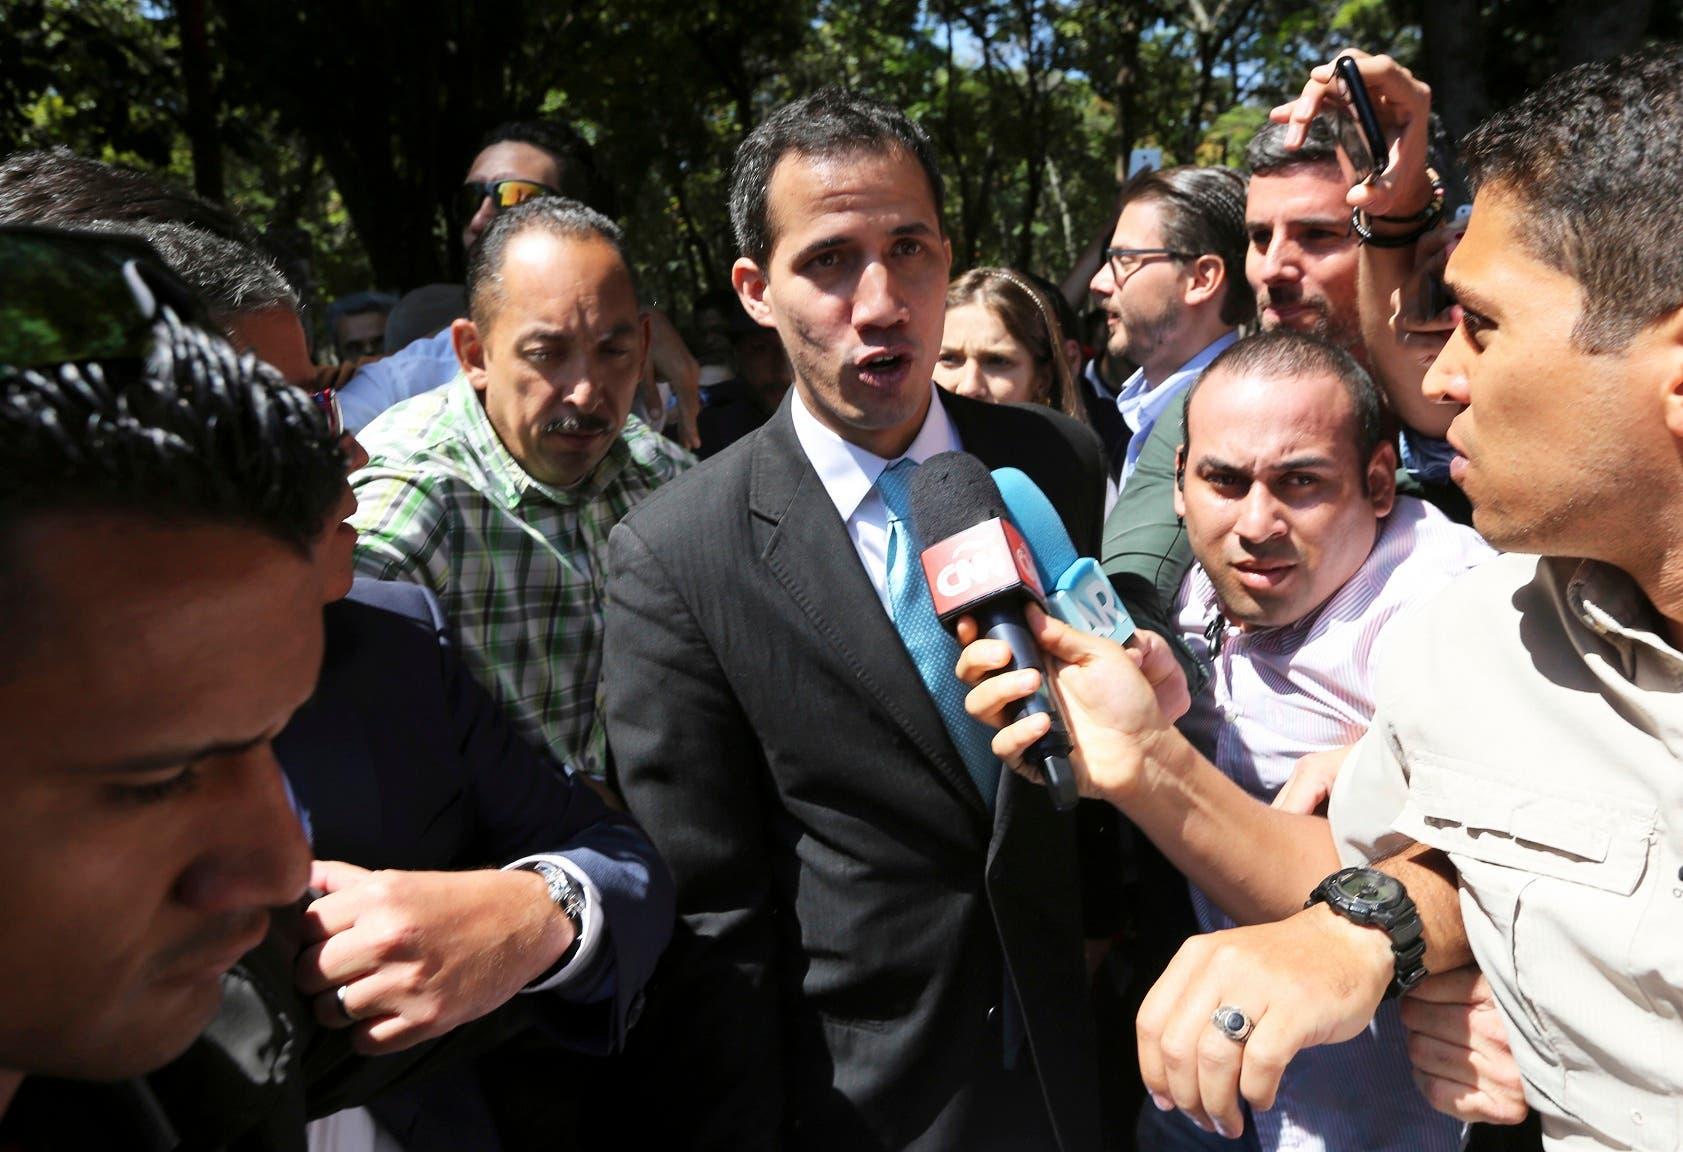 El líder opositor venezolano Juan Guaidó denuncia que fuerzas de seguridad amedrentan a su familia.